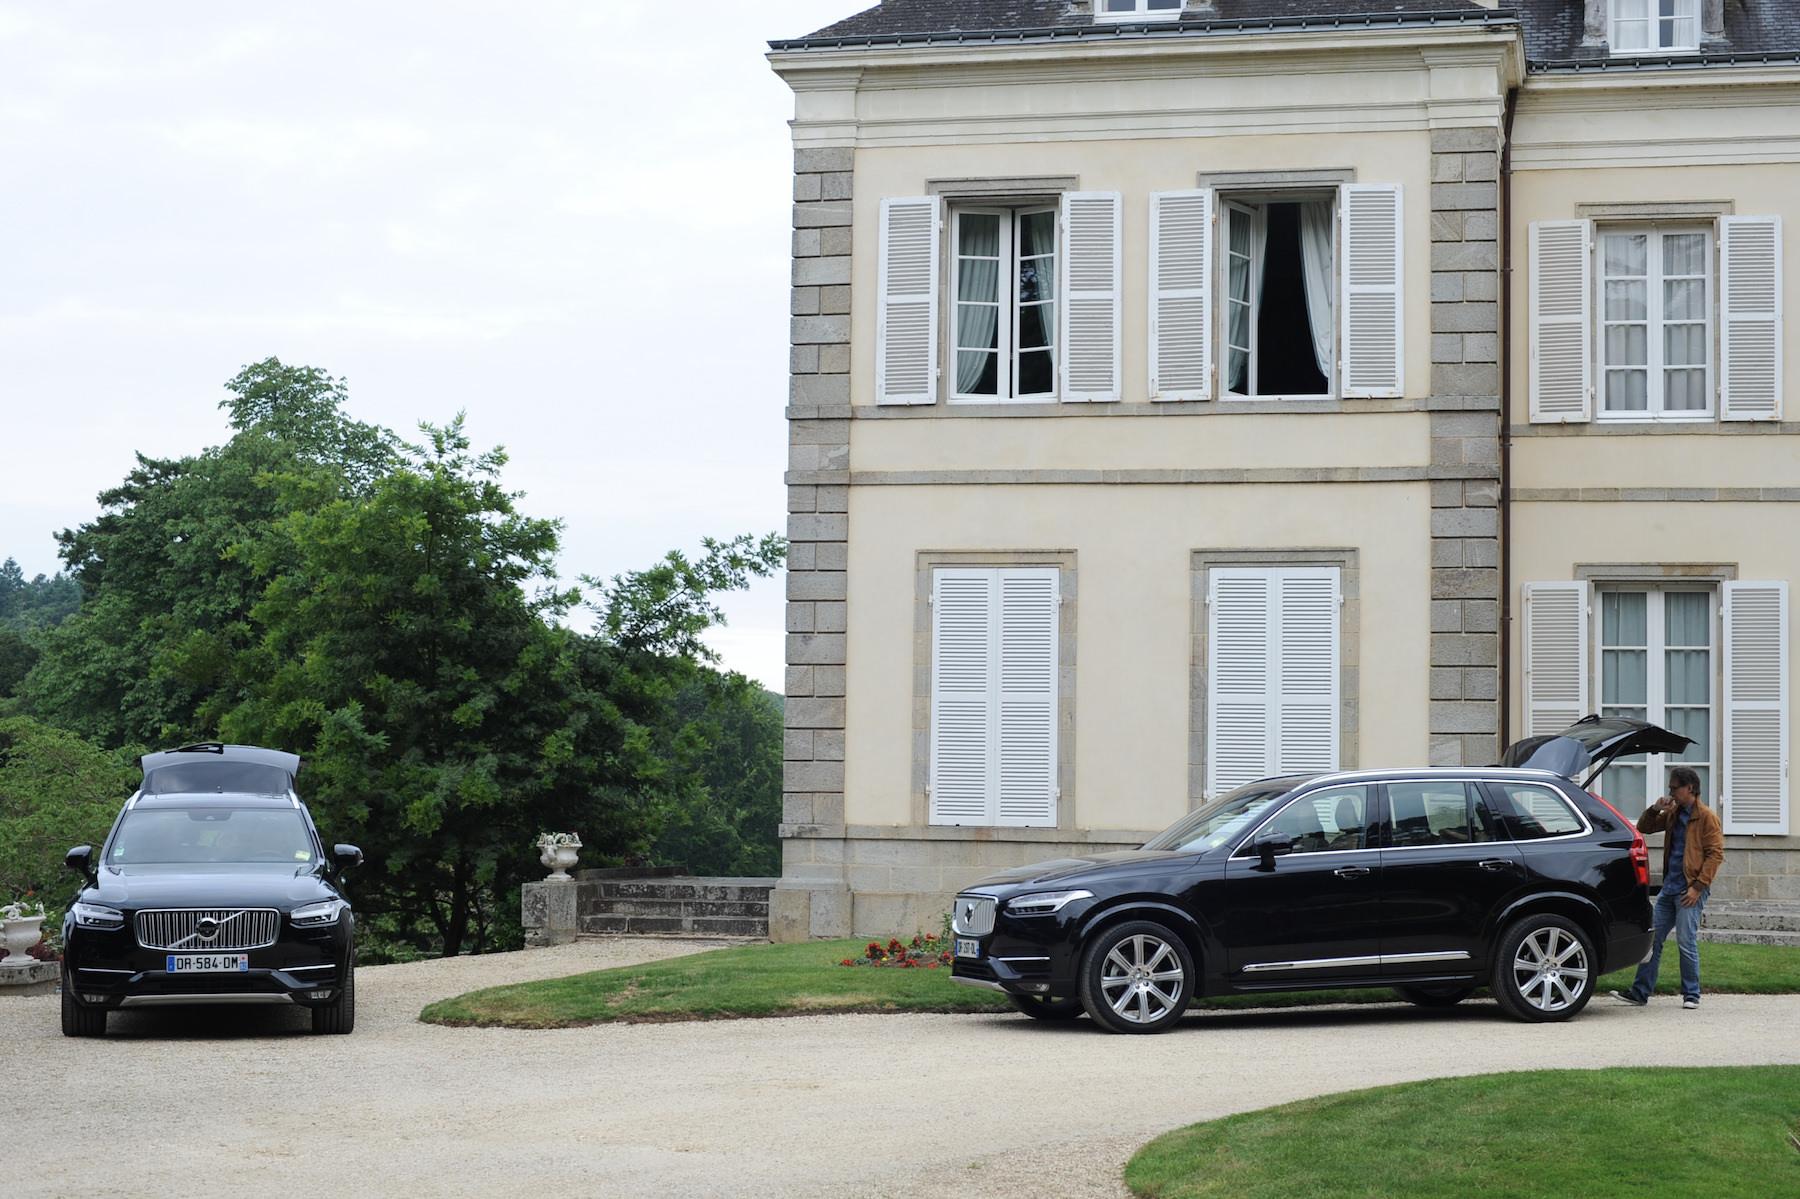 Nouveau volvo XC 90 2015 extérieur relais chateau